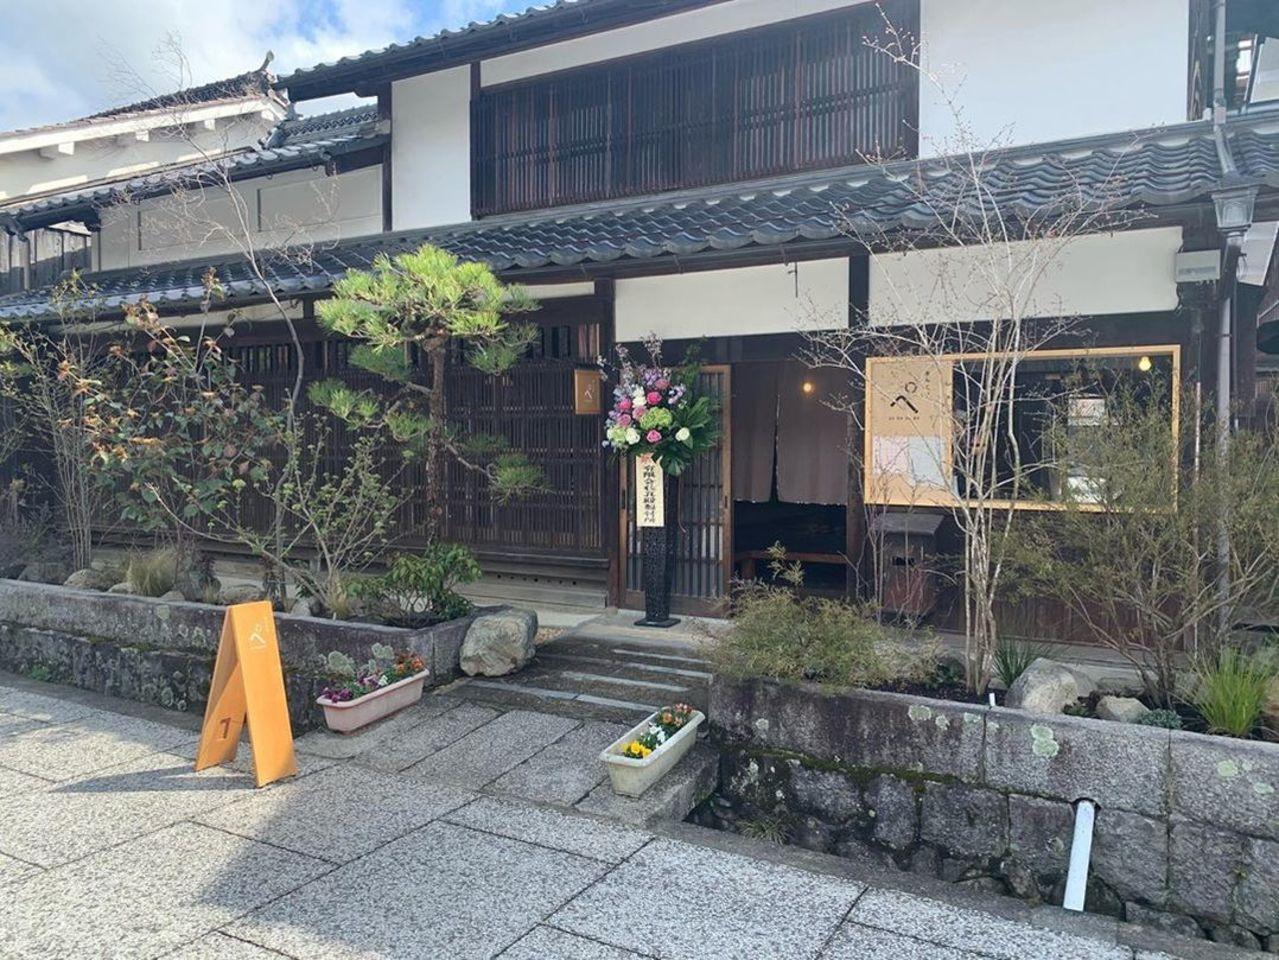 あんこや兼喫茶店。。。岡山県美作市古町の『あんこや ぺ』